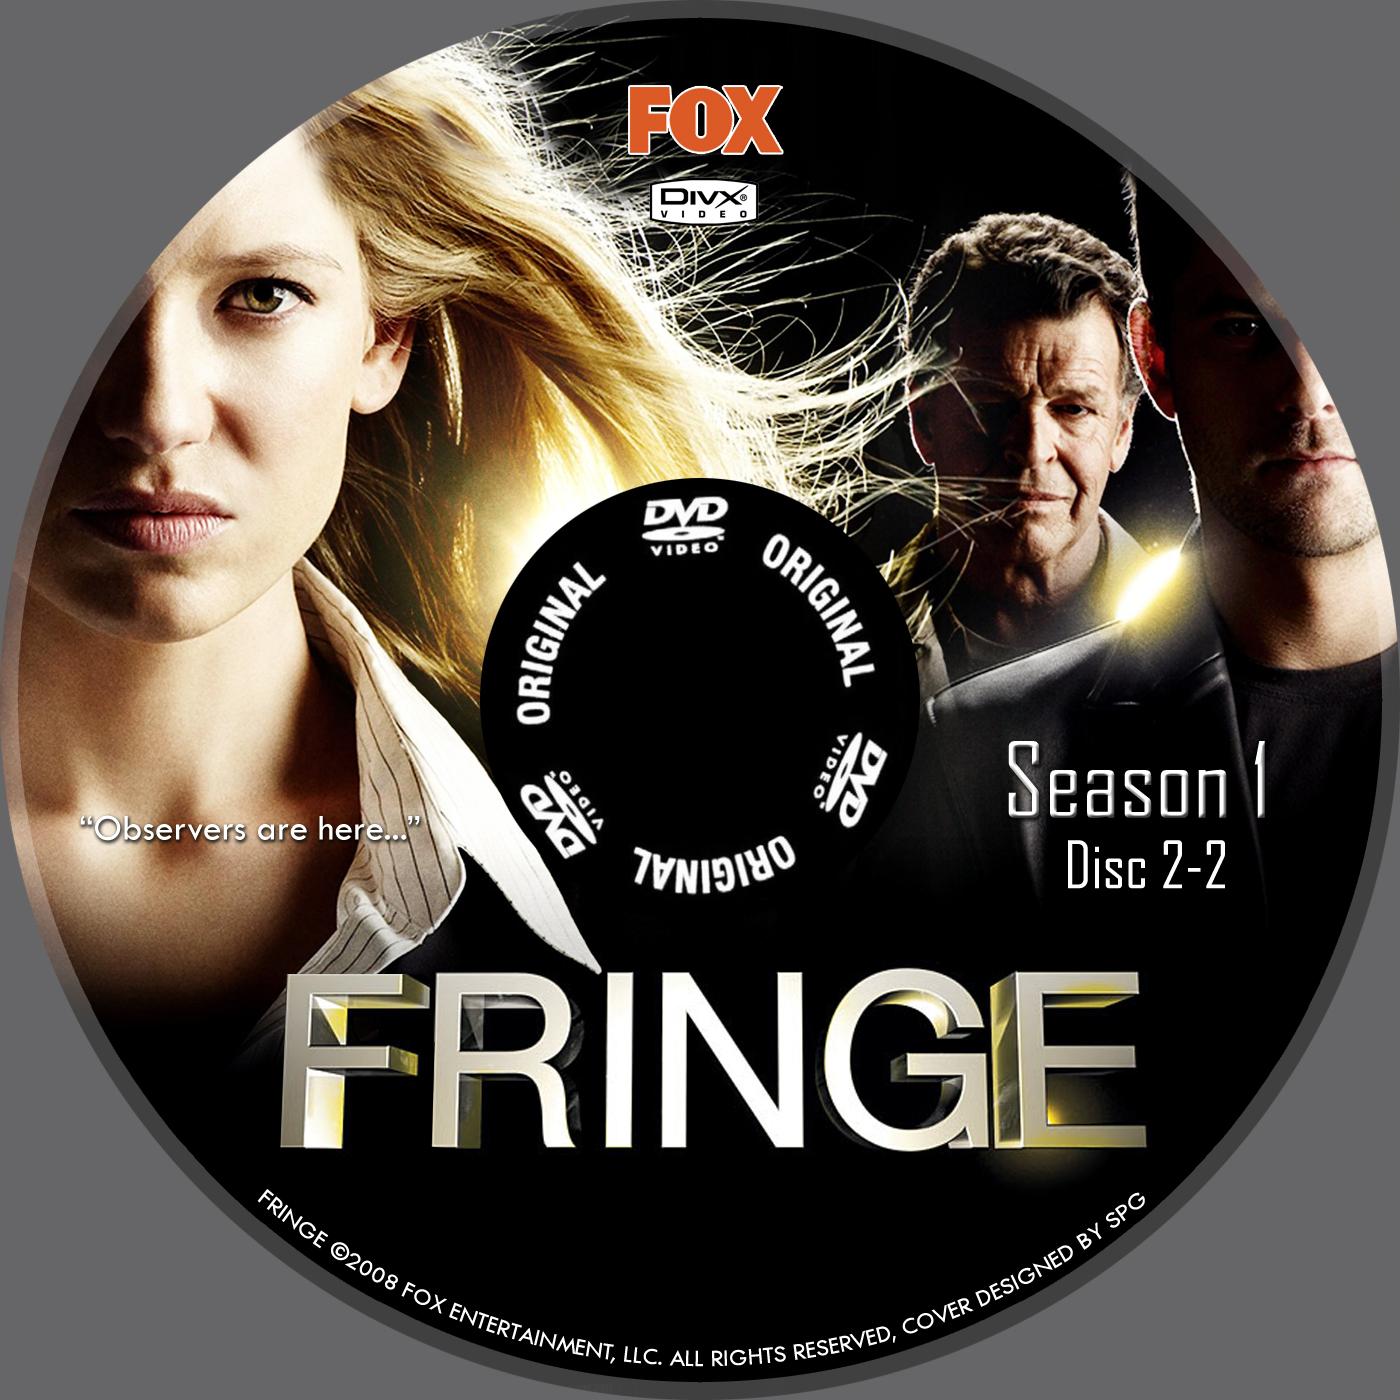 Fringe Divx Dvd Label Spg Images Frompo